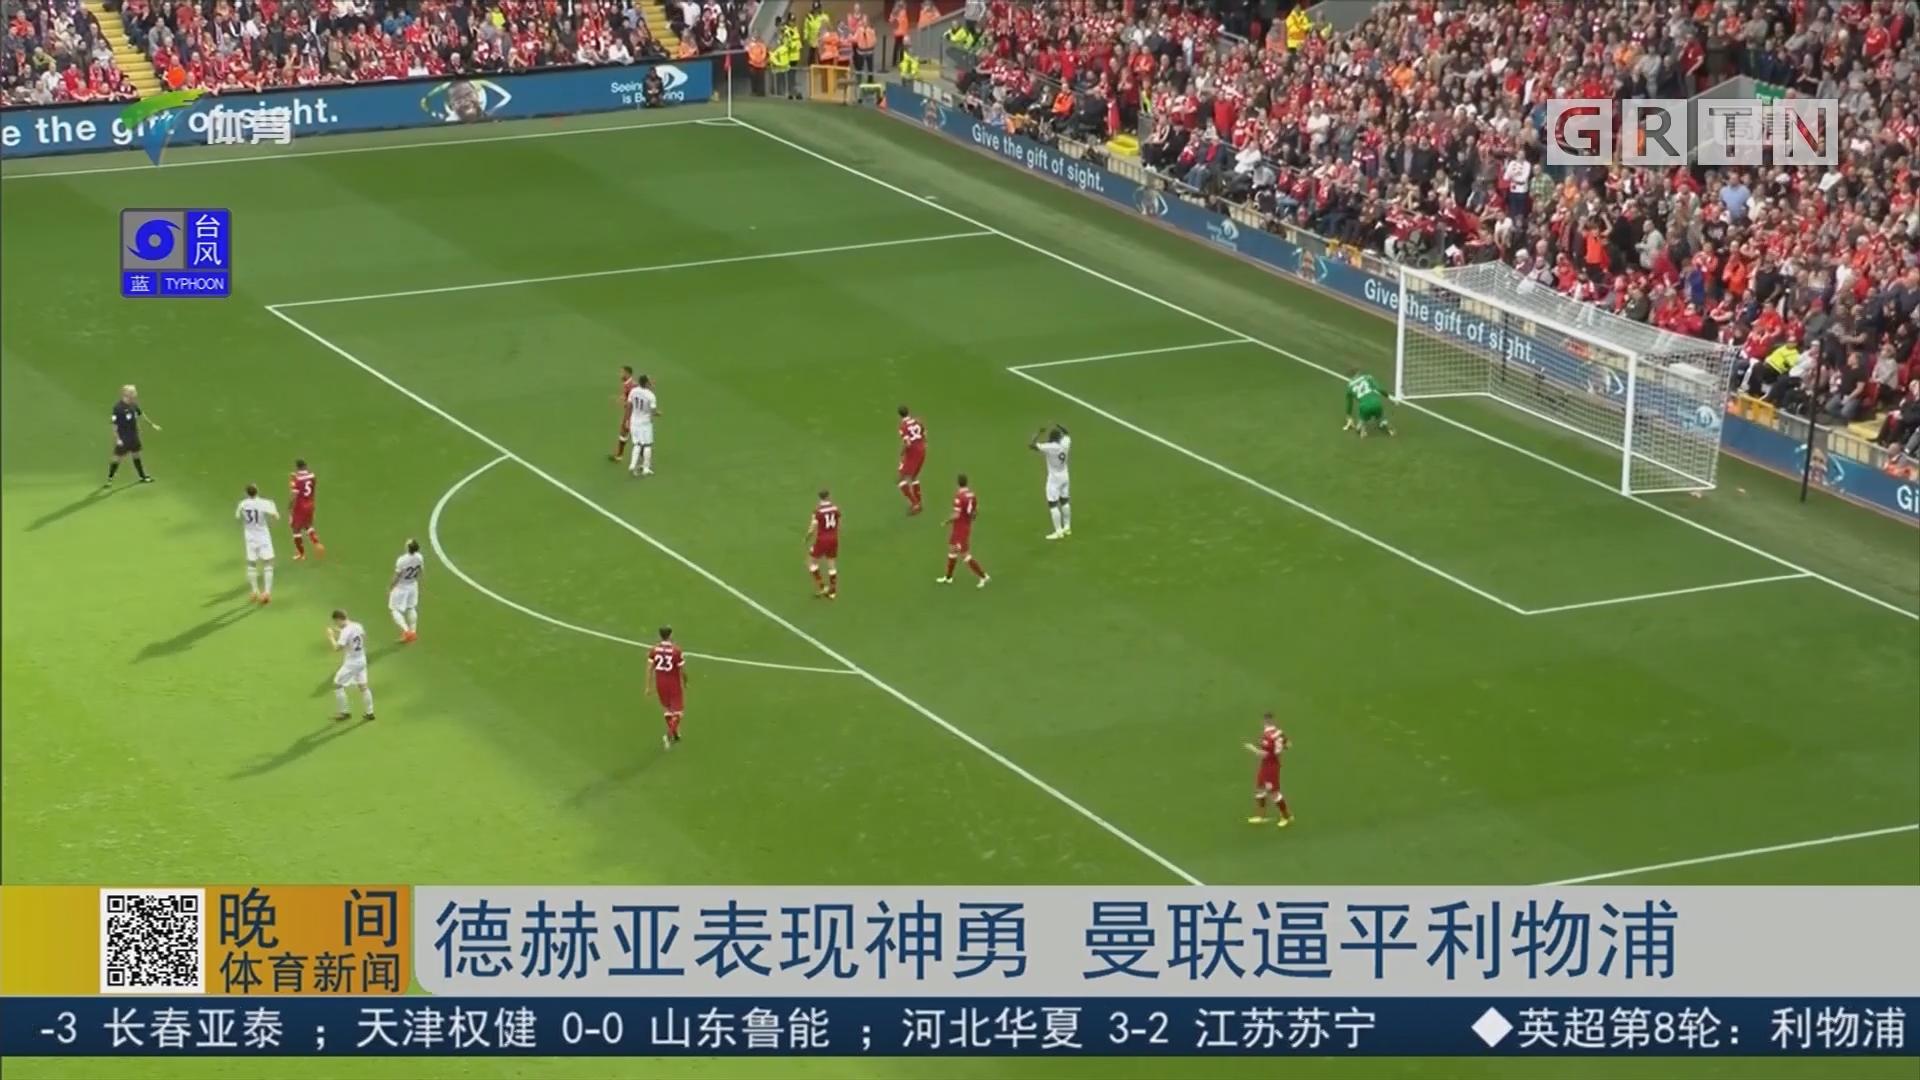 徳赫亚表现神勇 曼联逼平利物浦